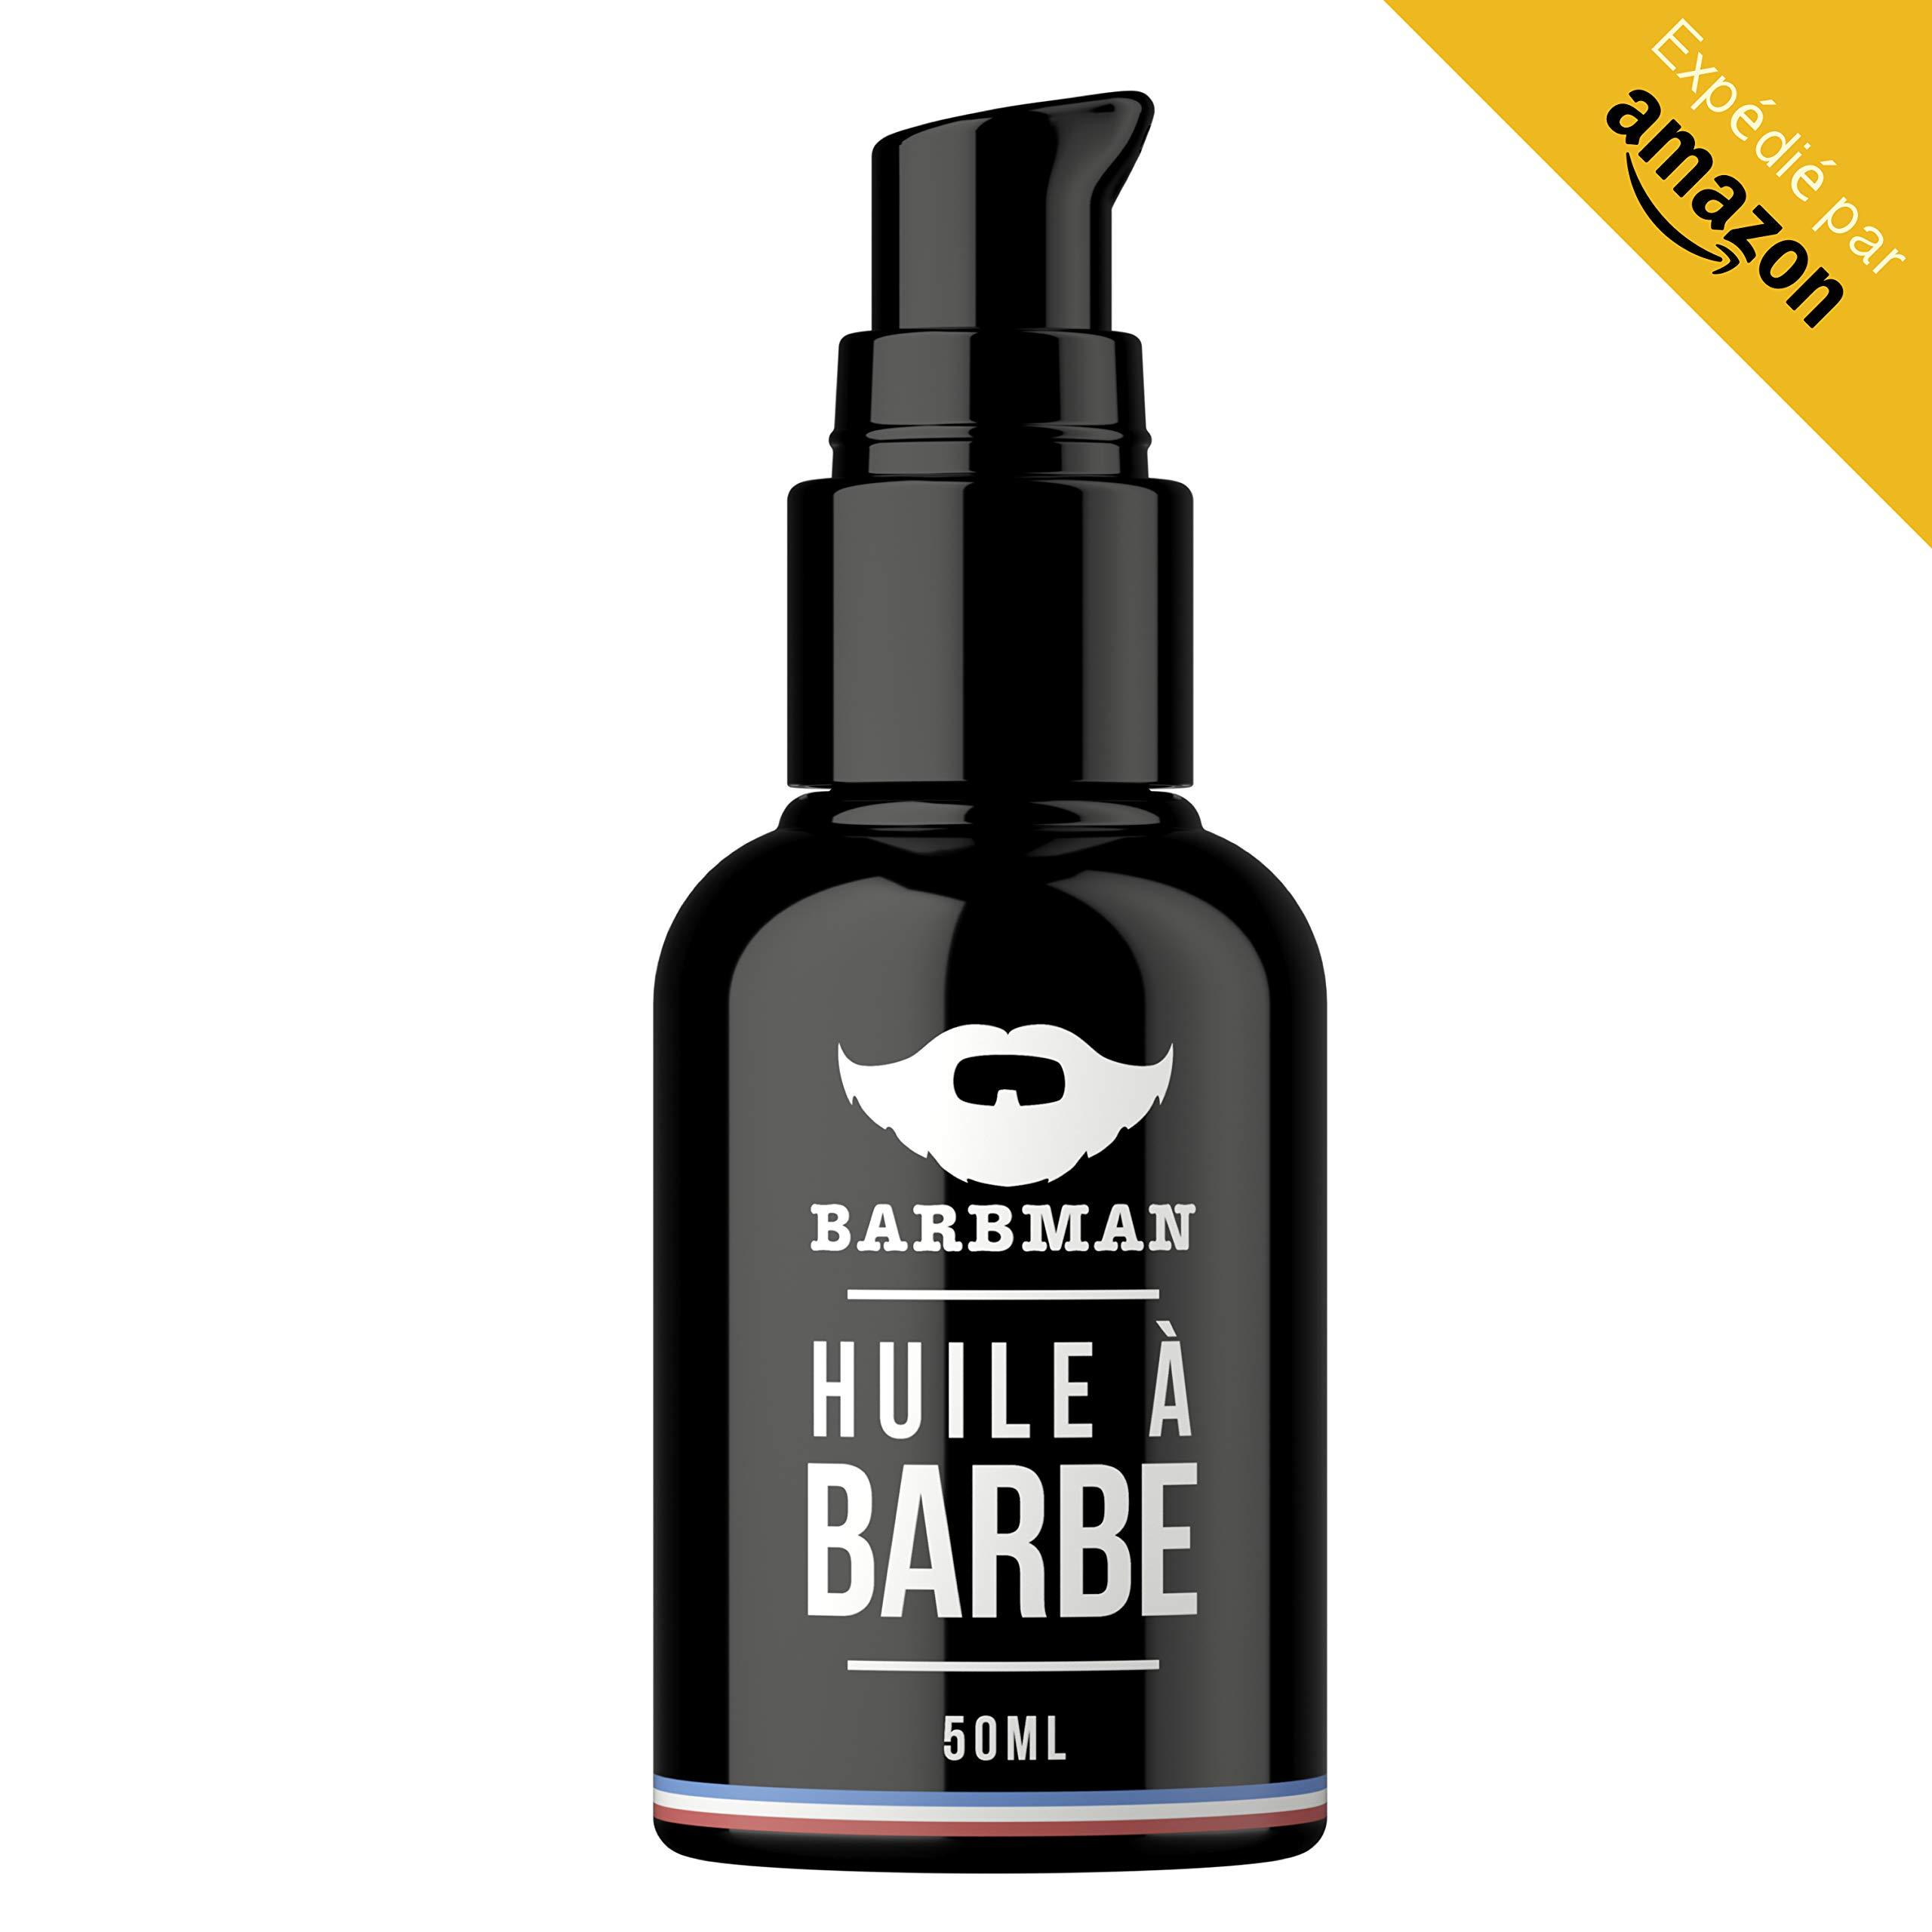 BARBMAN: HUILE à BARBE Naturelle enrichit en huile de Jojoba et Pépins de Raisins pour hydrater et nourrir votre peau. Discipline votre barbe en lui apportant éclat et douceur. Cadeau idéal pour Barbu product image